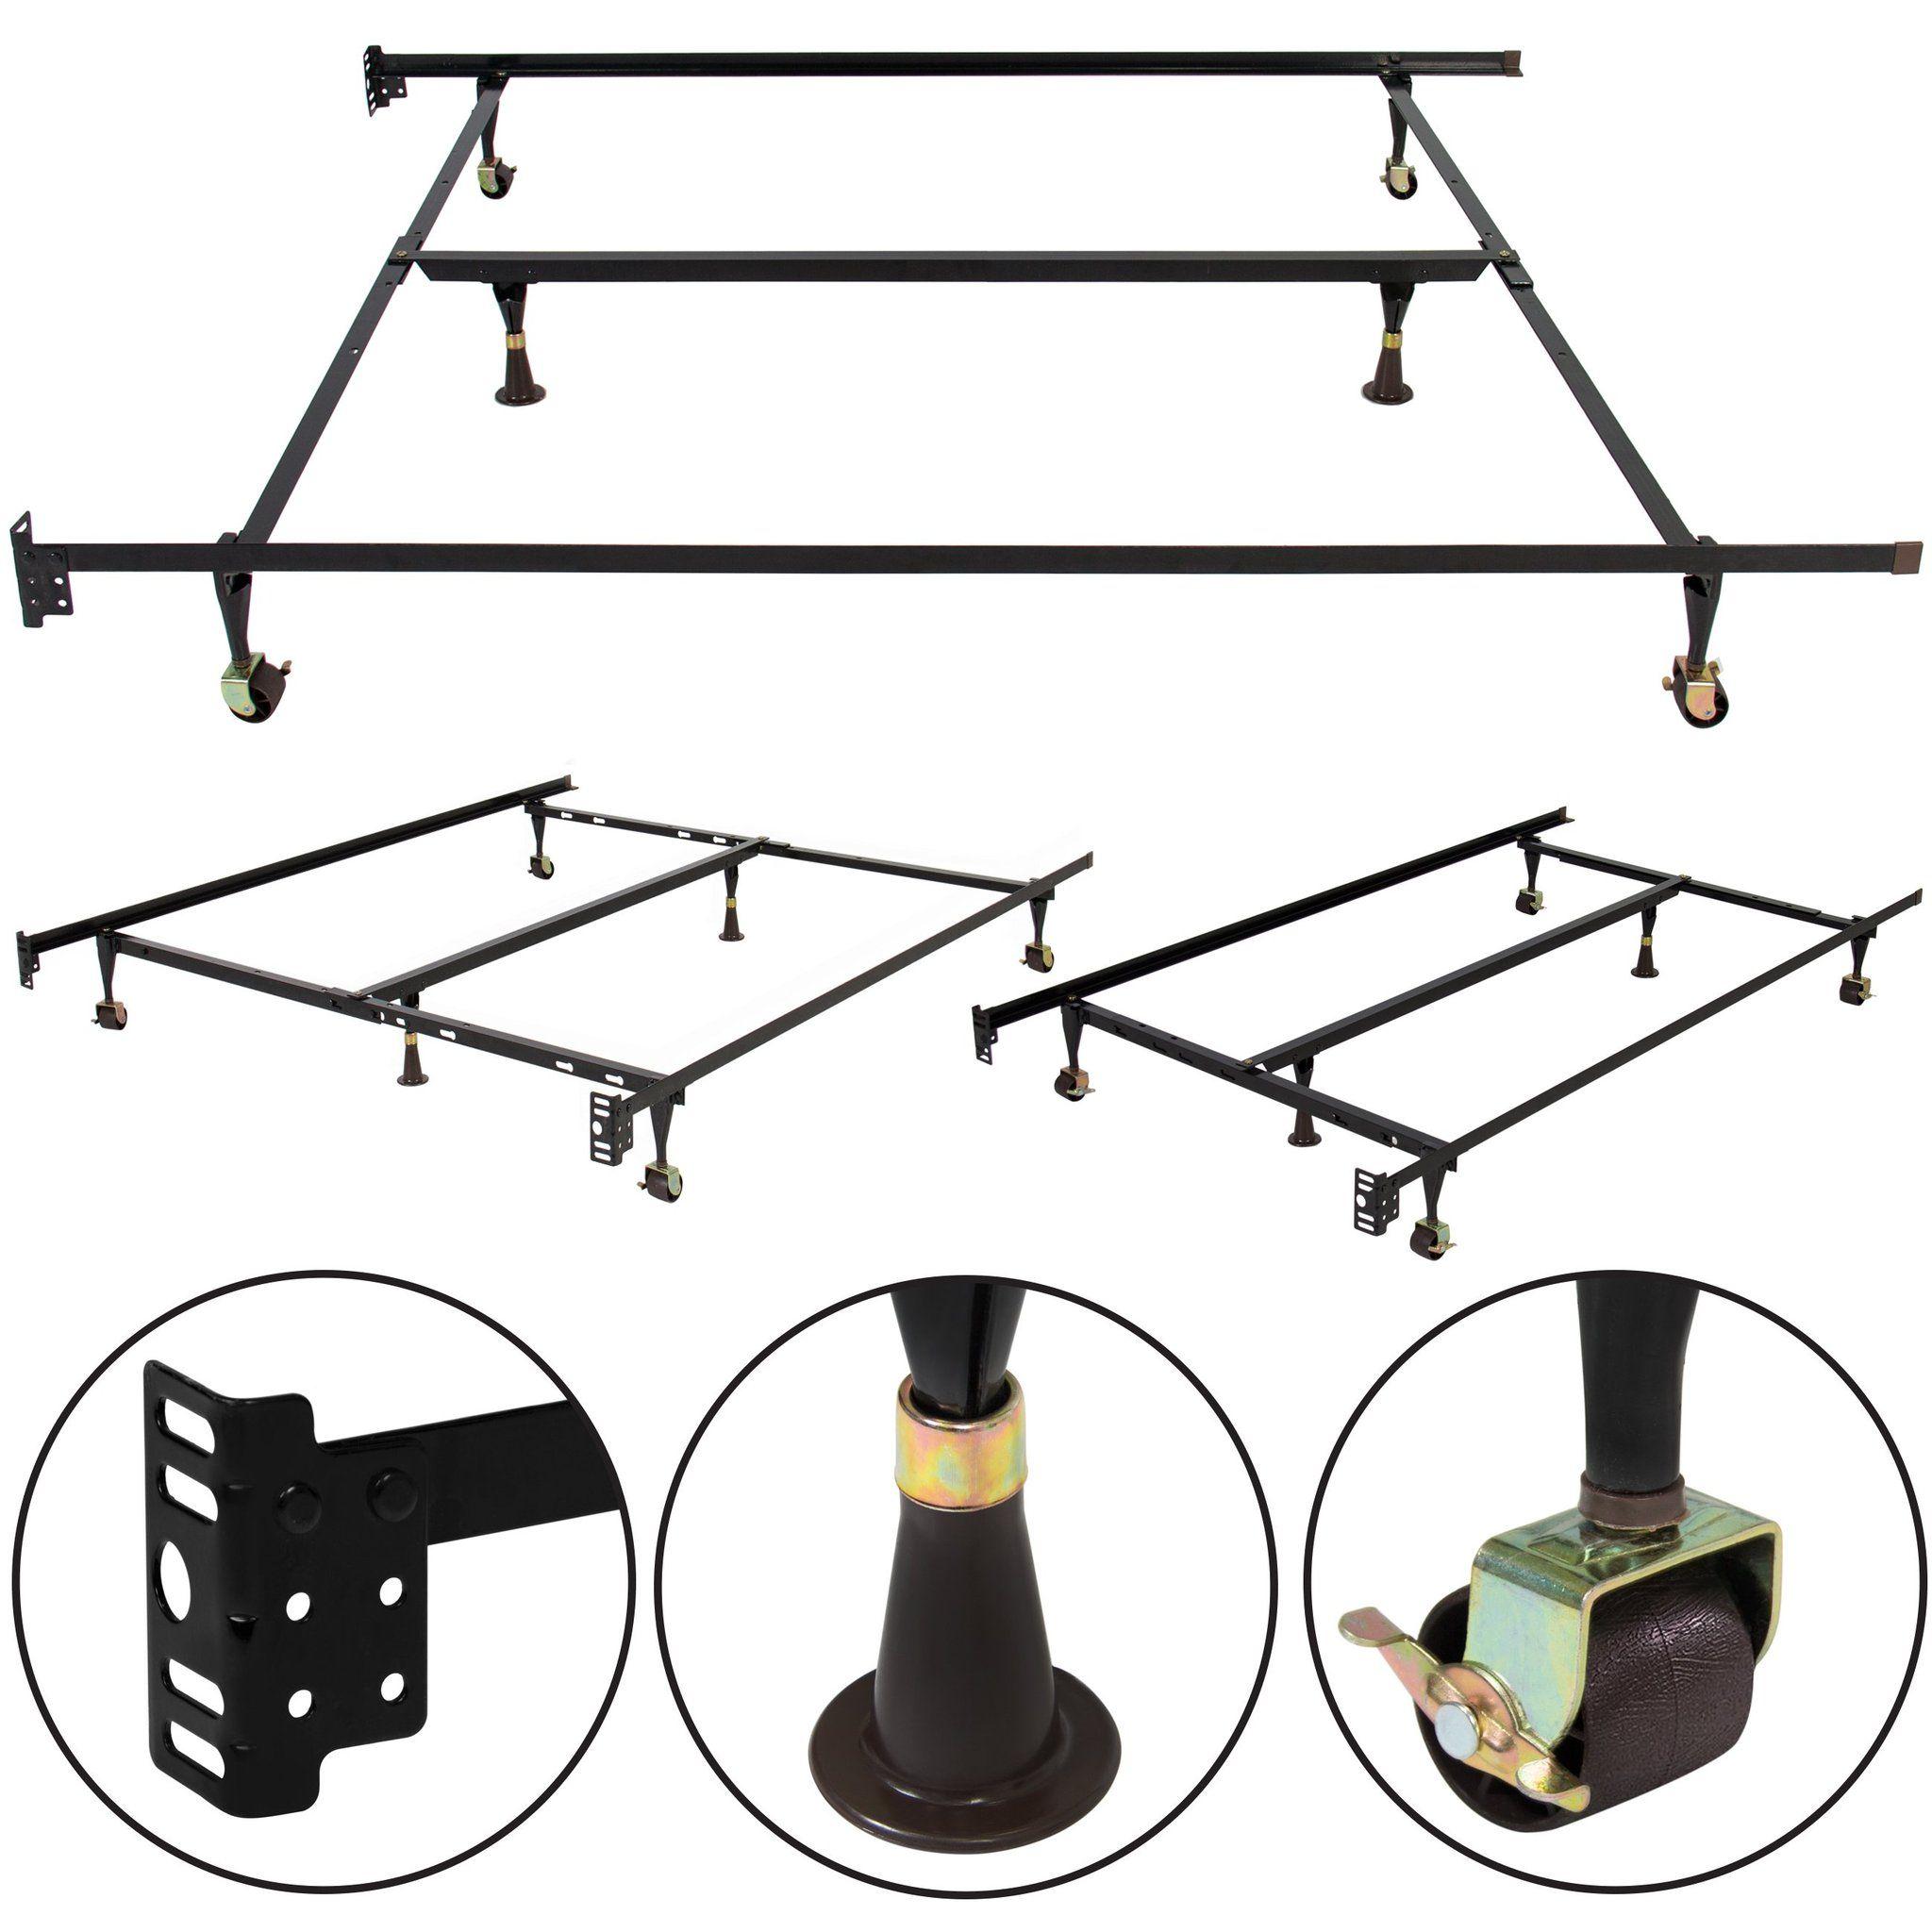 Adjustable Metal Bed Frame w/ Locking Wheels Metal bed